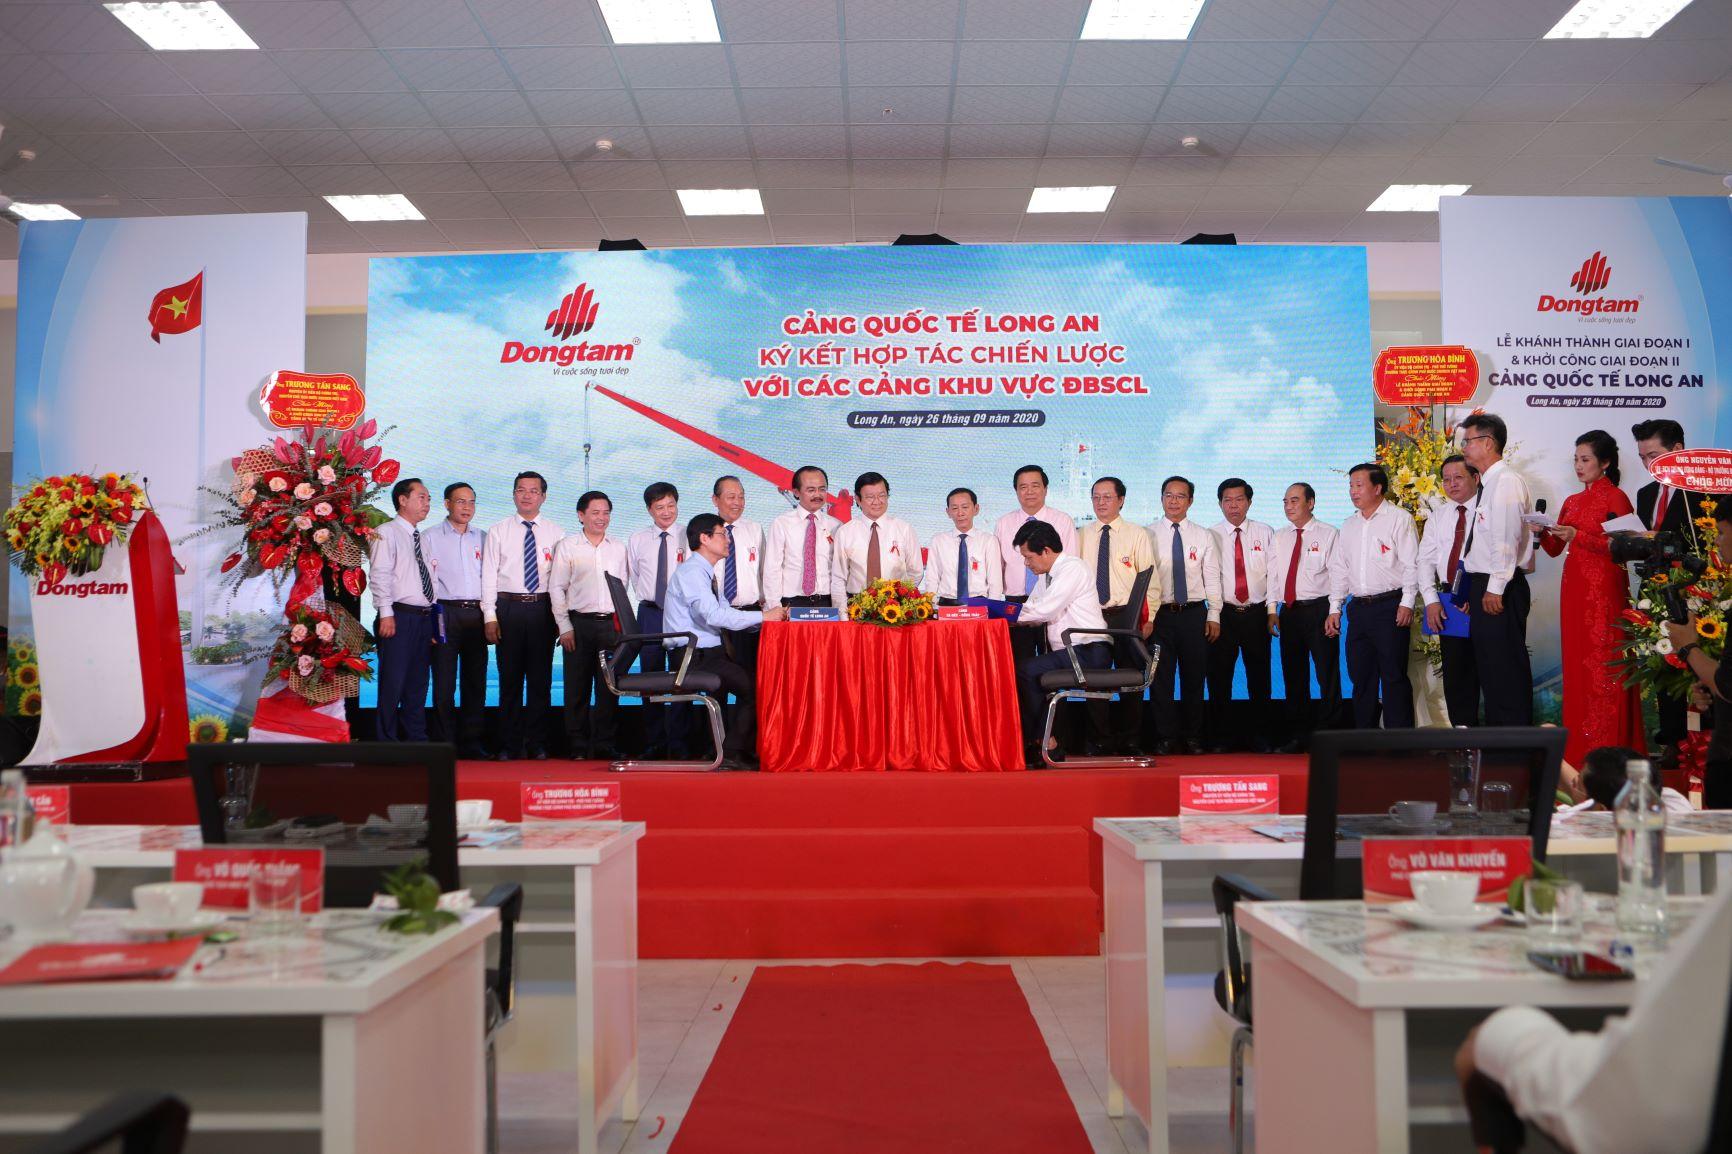 Đồng Tâm Group khánh thành giai đoạn 1 và khởi công giai đoạn 2 - Cảng Quốc tế Long An 6